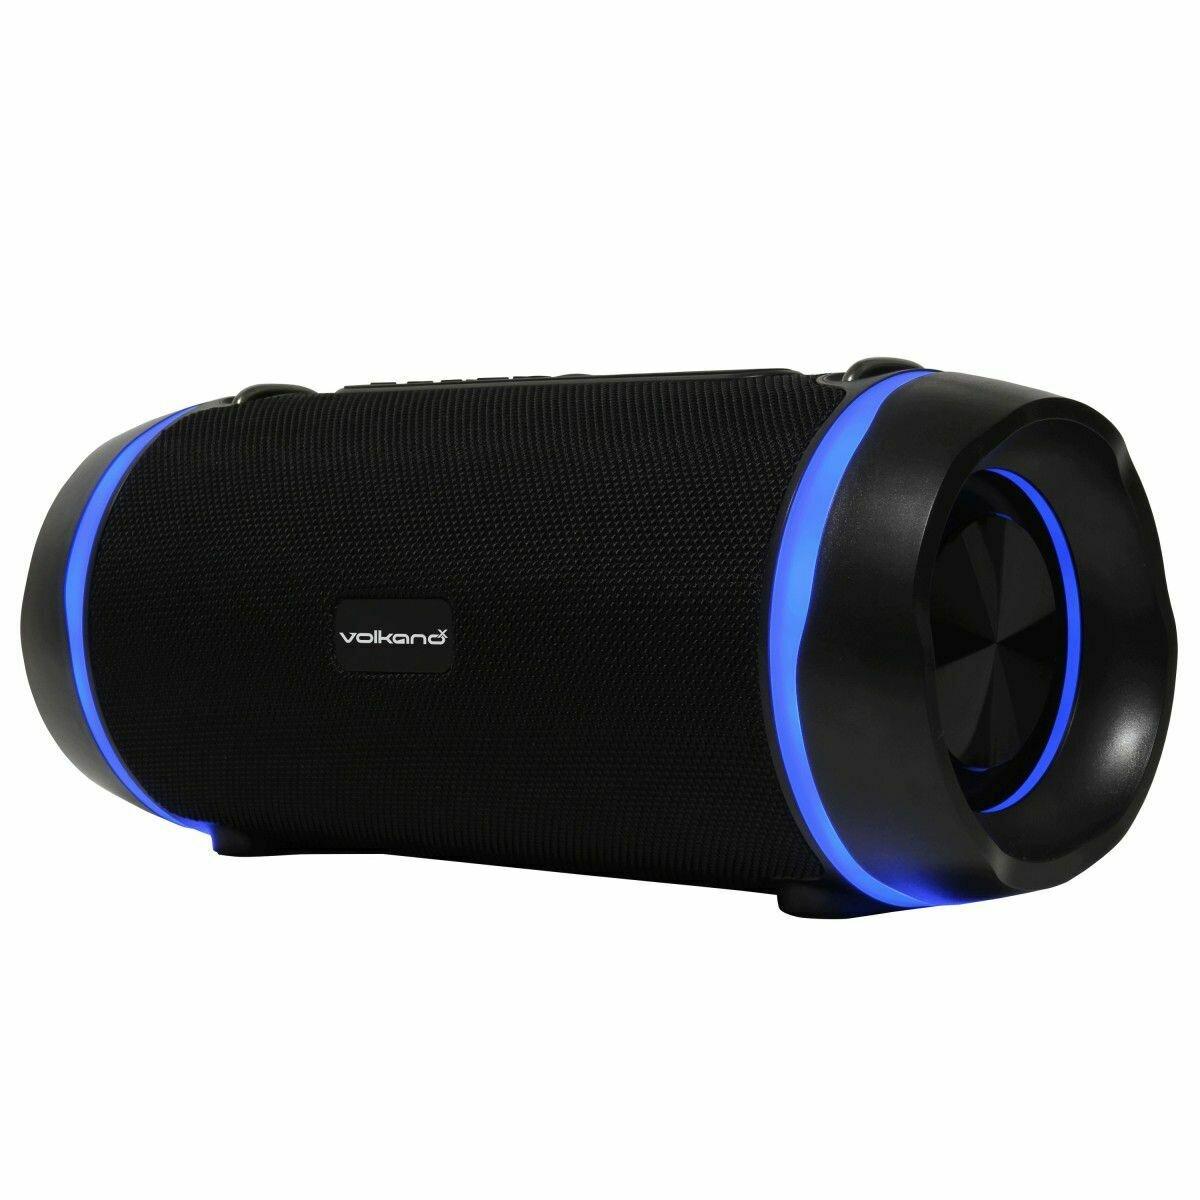 Volkano Mamba Series Bluetooth Speaker - Blue